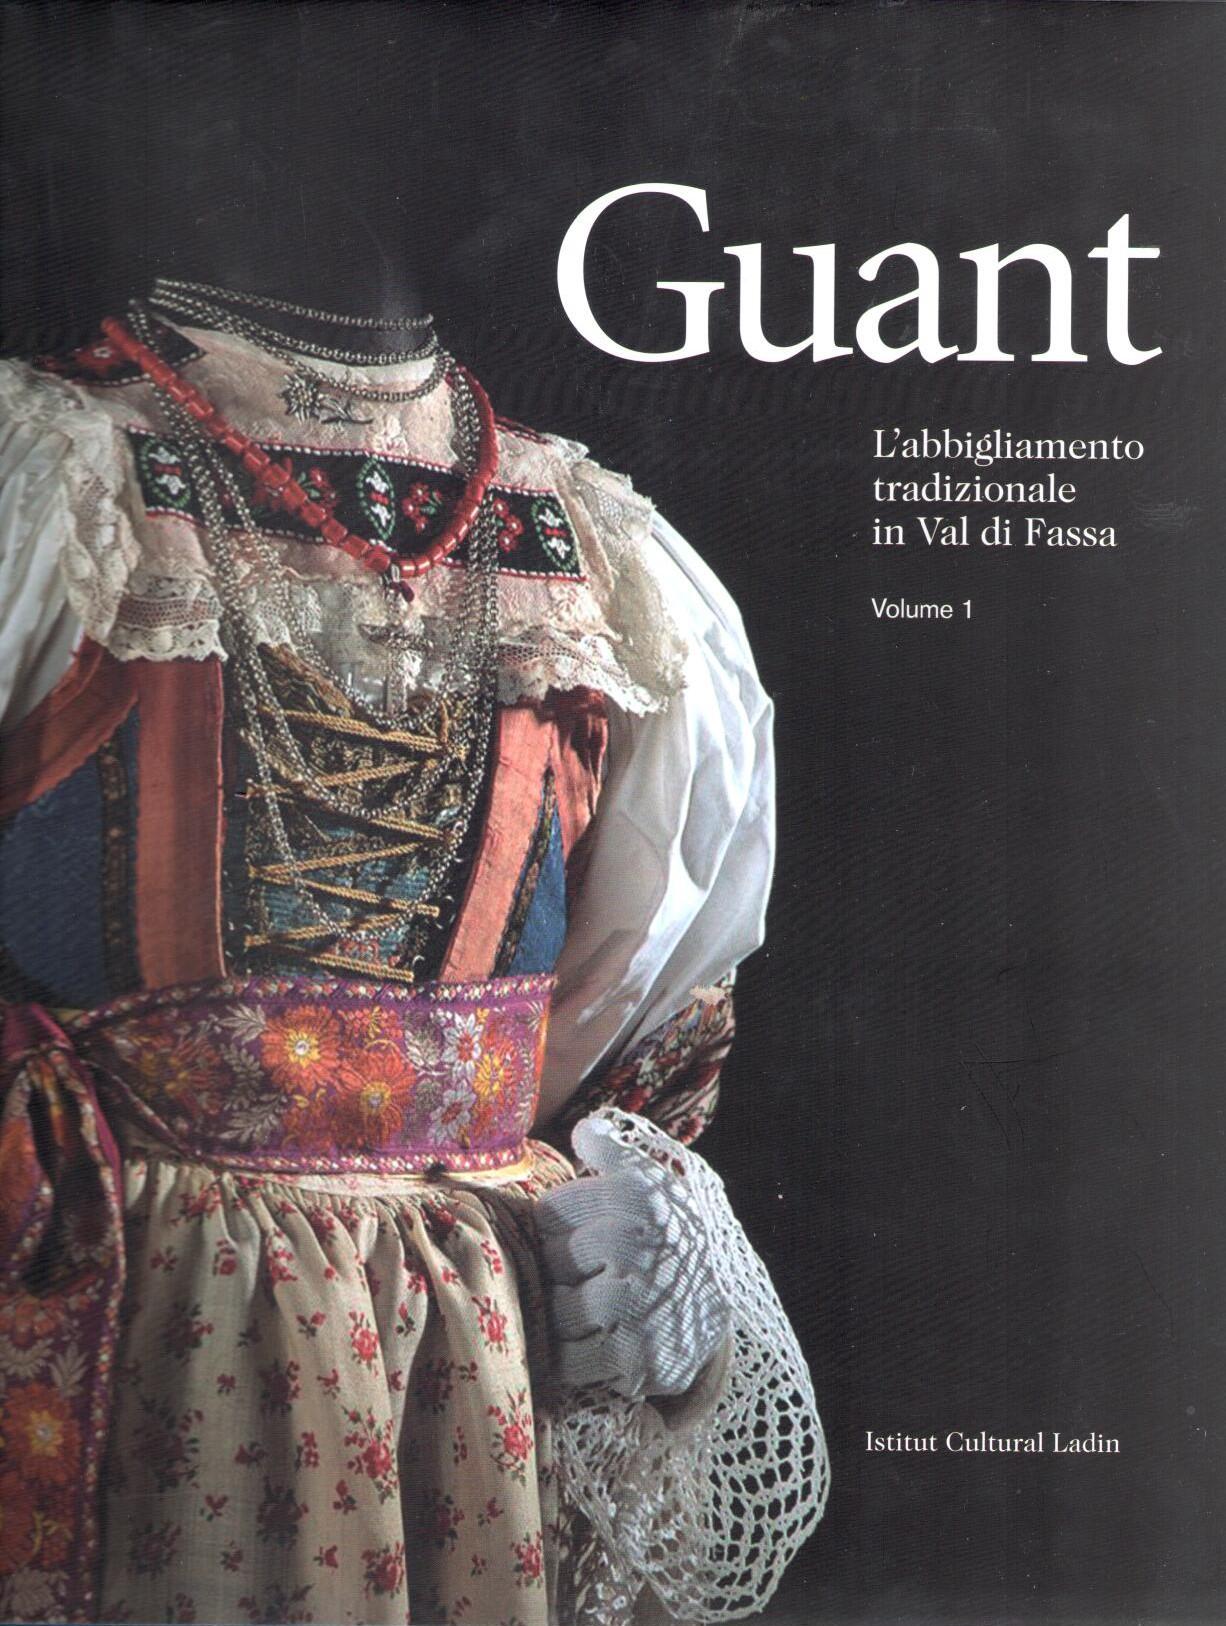 Guant. L'abbigliamento tradizionale in Val di Fassa, Vol. 1